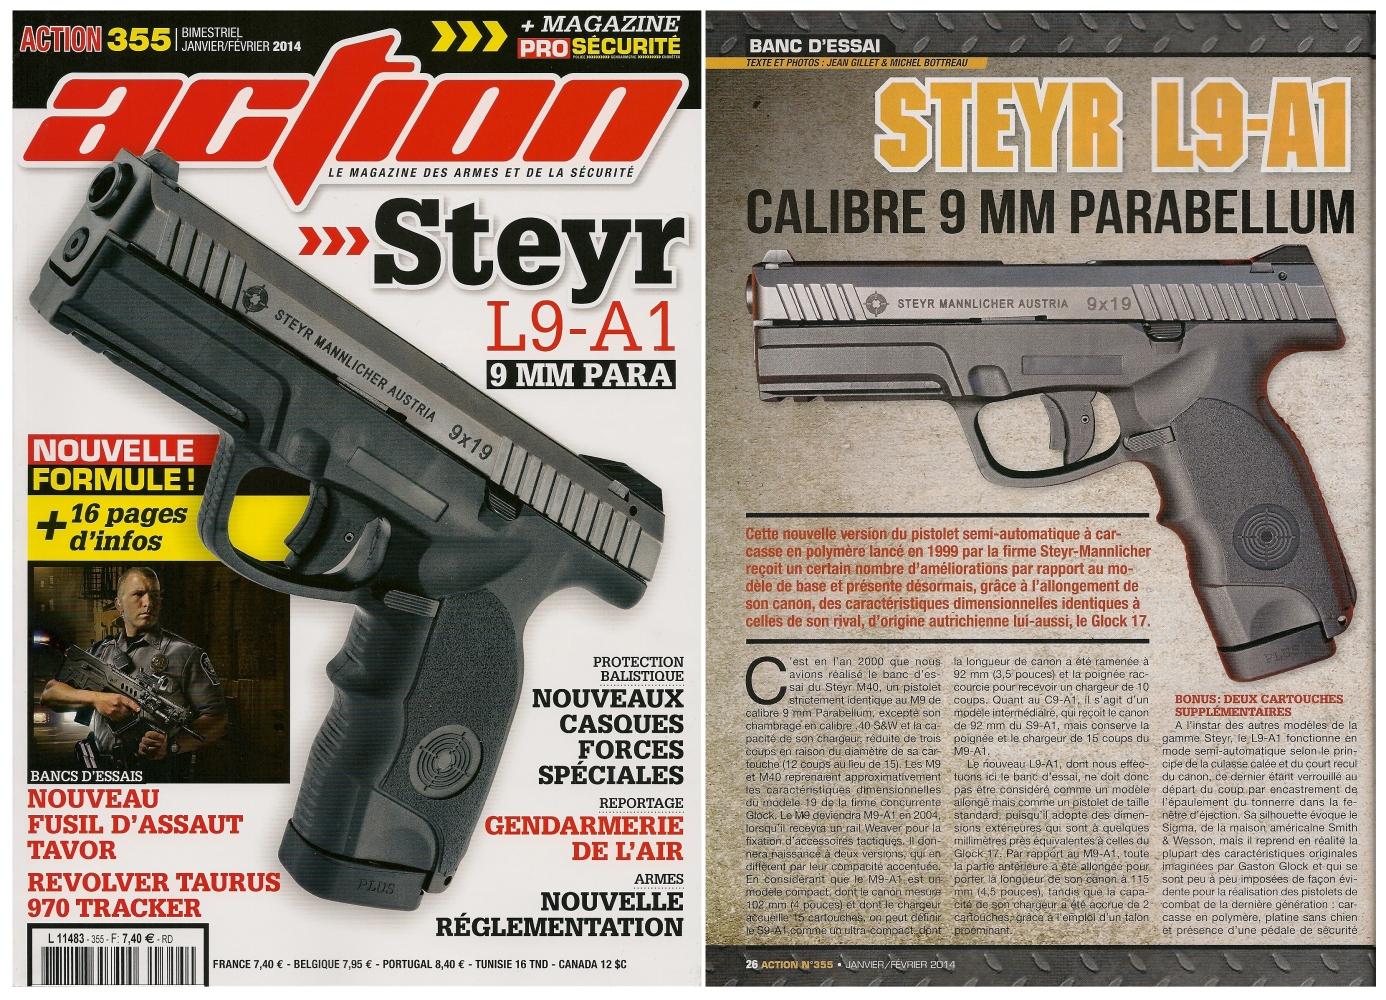 Le banc d'essai du pistolet Steyr-Mannlicher L9-A1 a été publié sur 6 pages dans le magazine Action n°355 (janvier-février 2014)